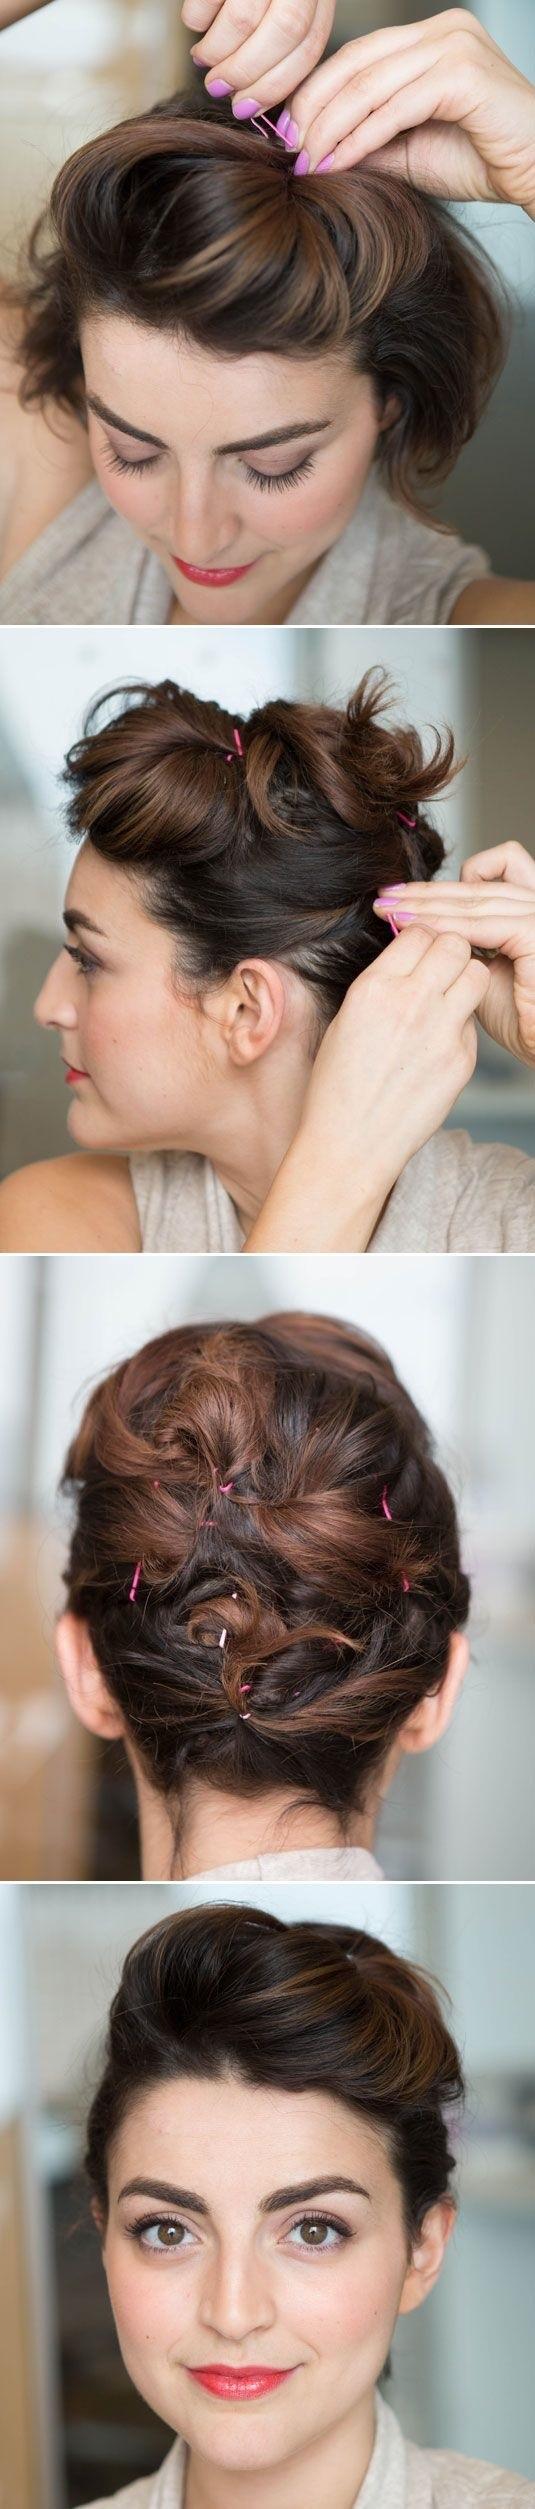 magnifiques-idees-de-coiffures-pratiques-7